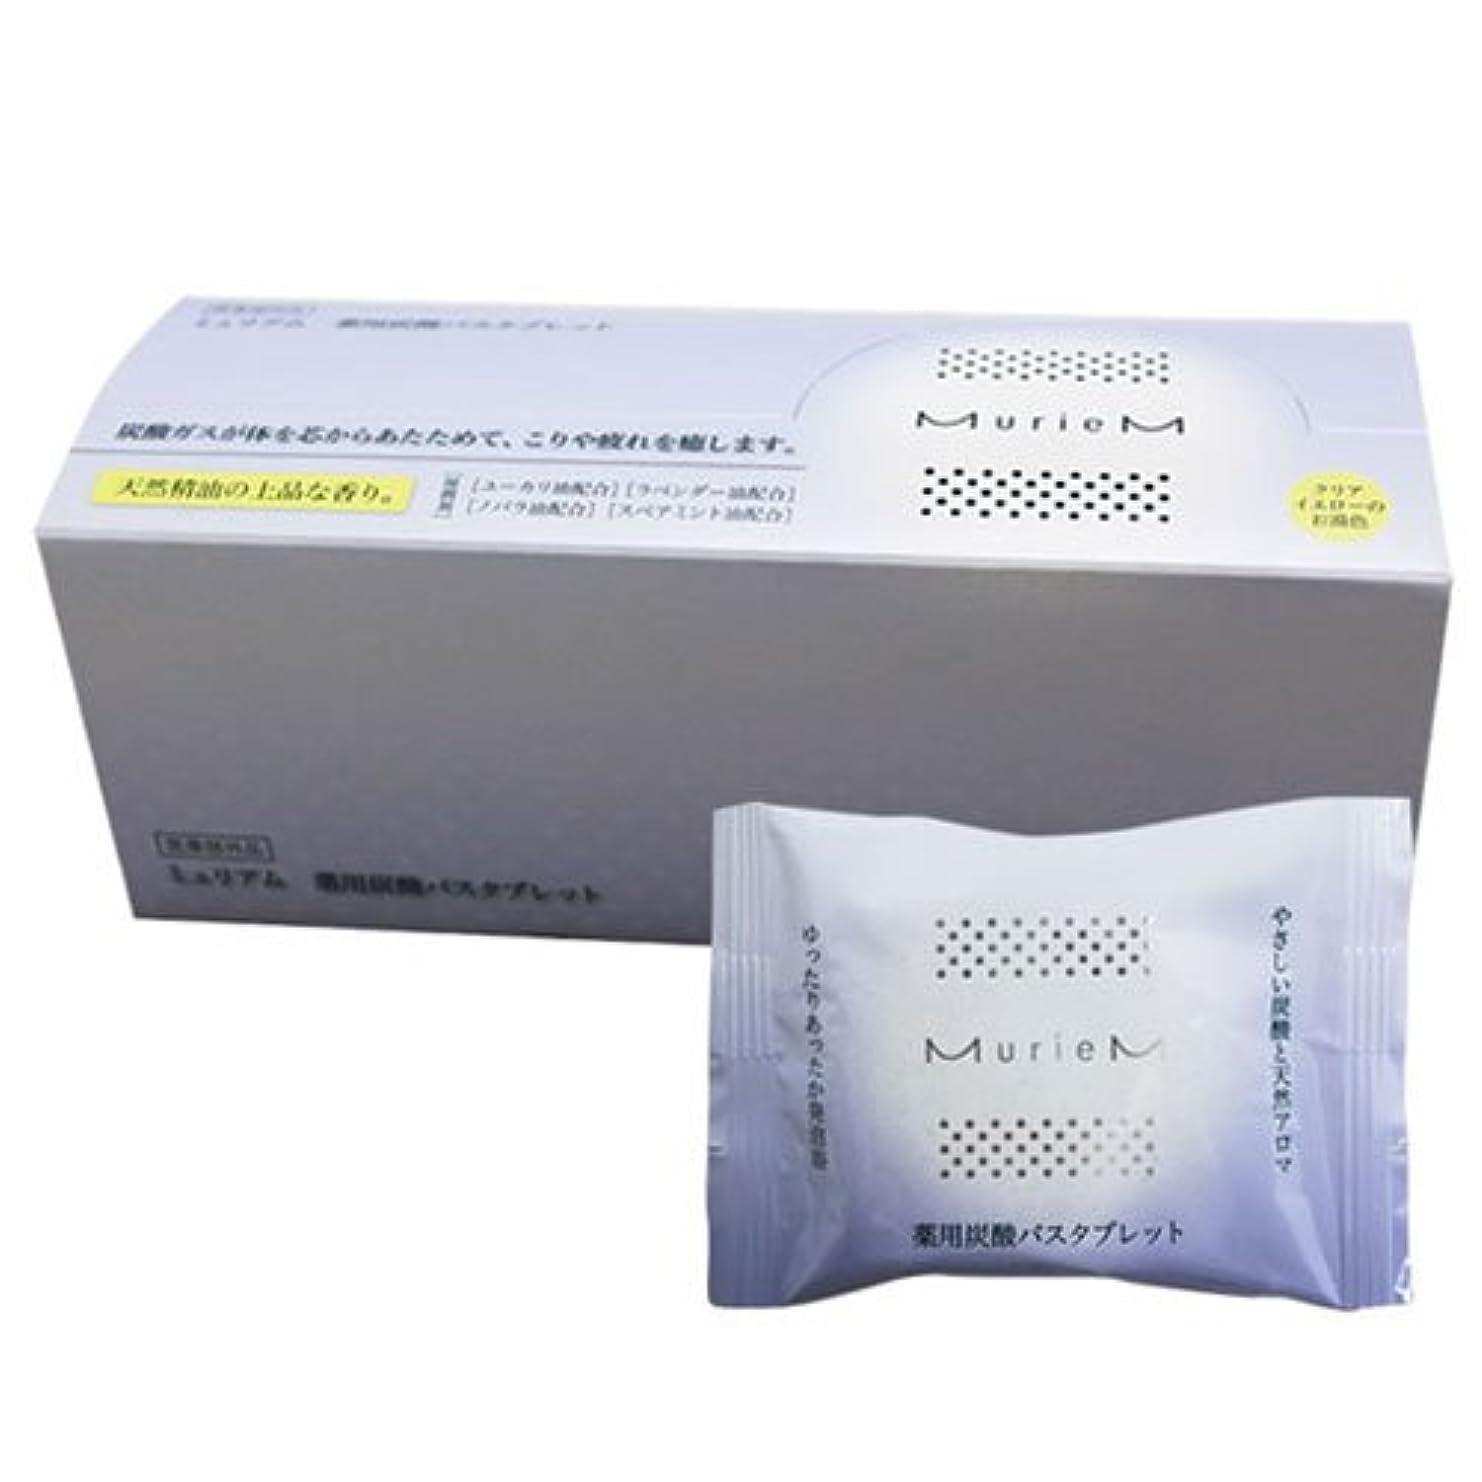 リー熱兵器庫ナンバースリー ミュリアム 薬用炭酸バスタブレット 30g×10包 [医薬部外品]